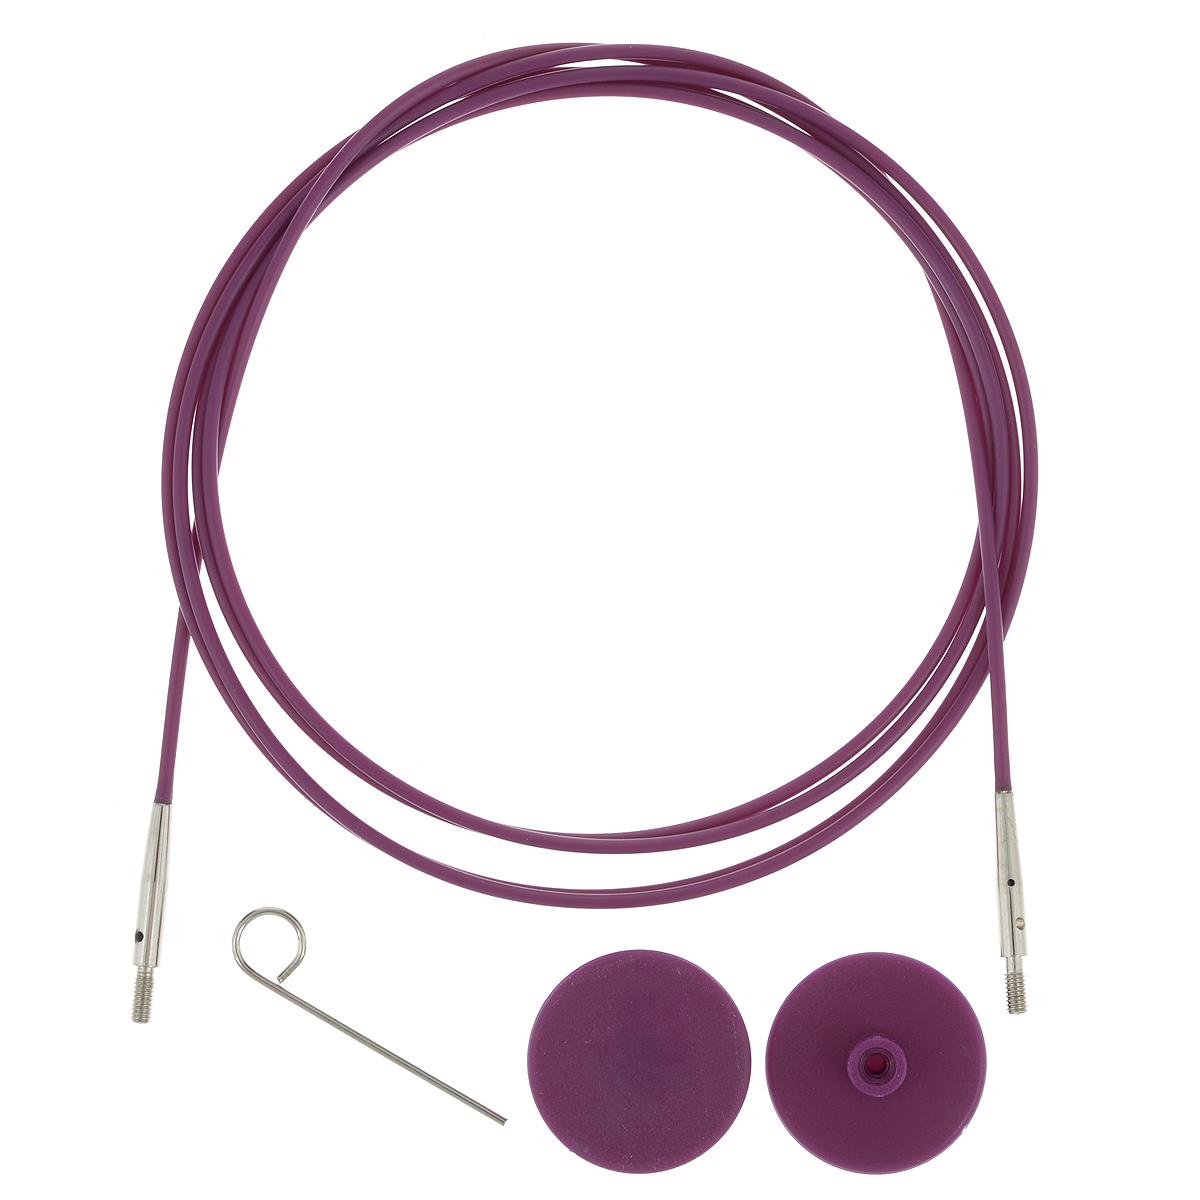 Тросик для съемных спиц KnitPro, с заглушками, цвет: фиолетовый, серебристый, длина 94 см цена